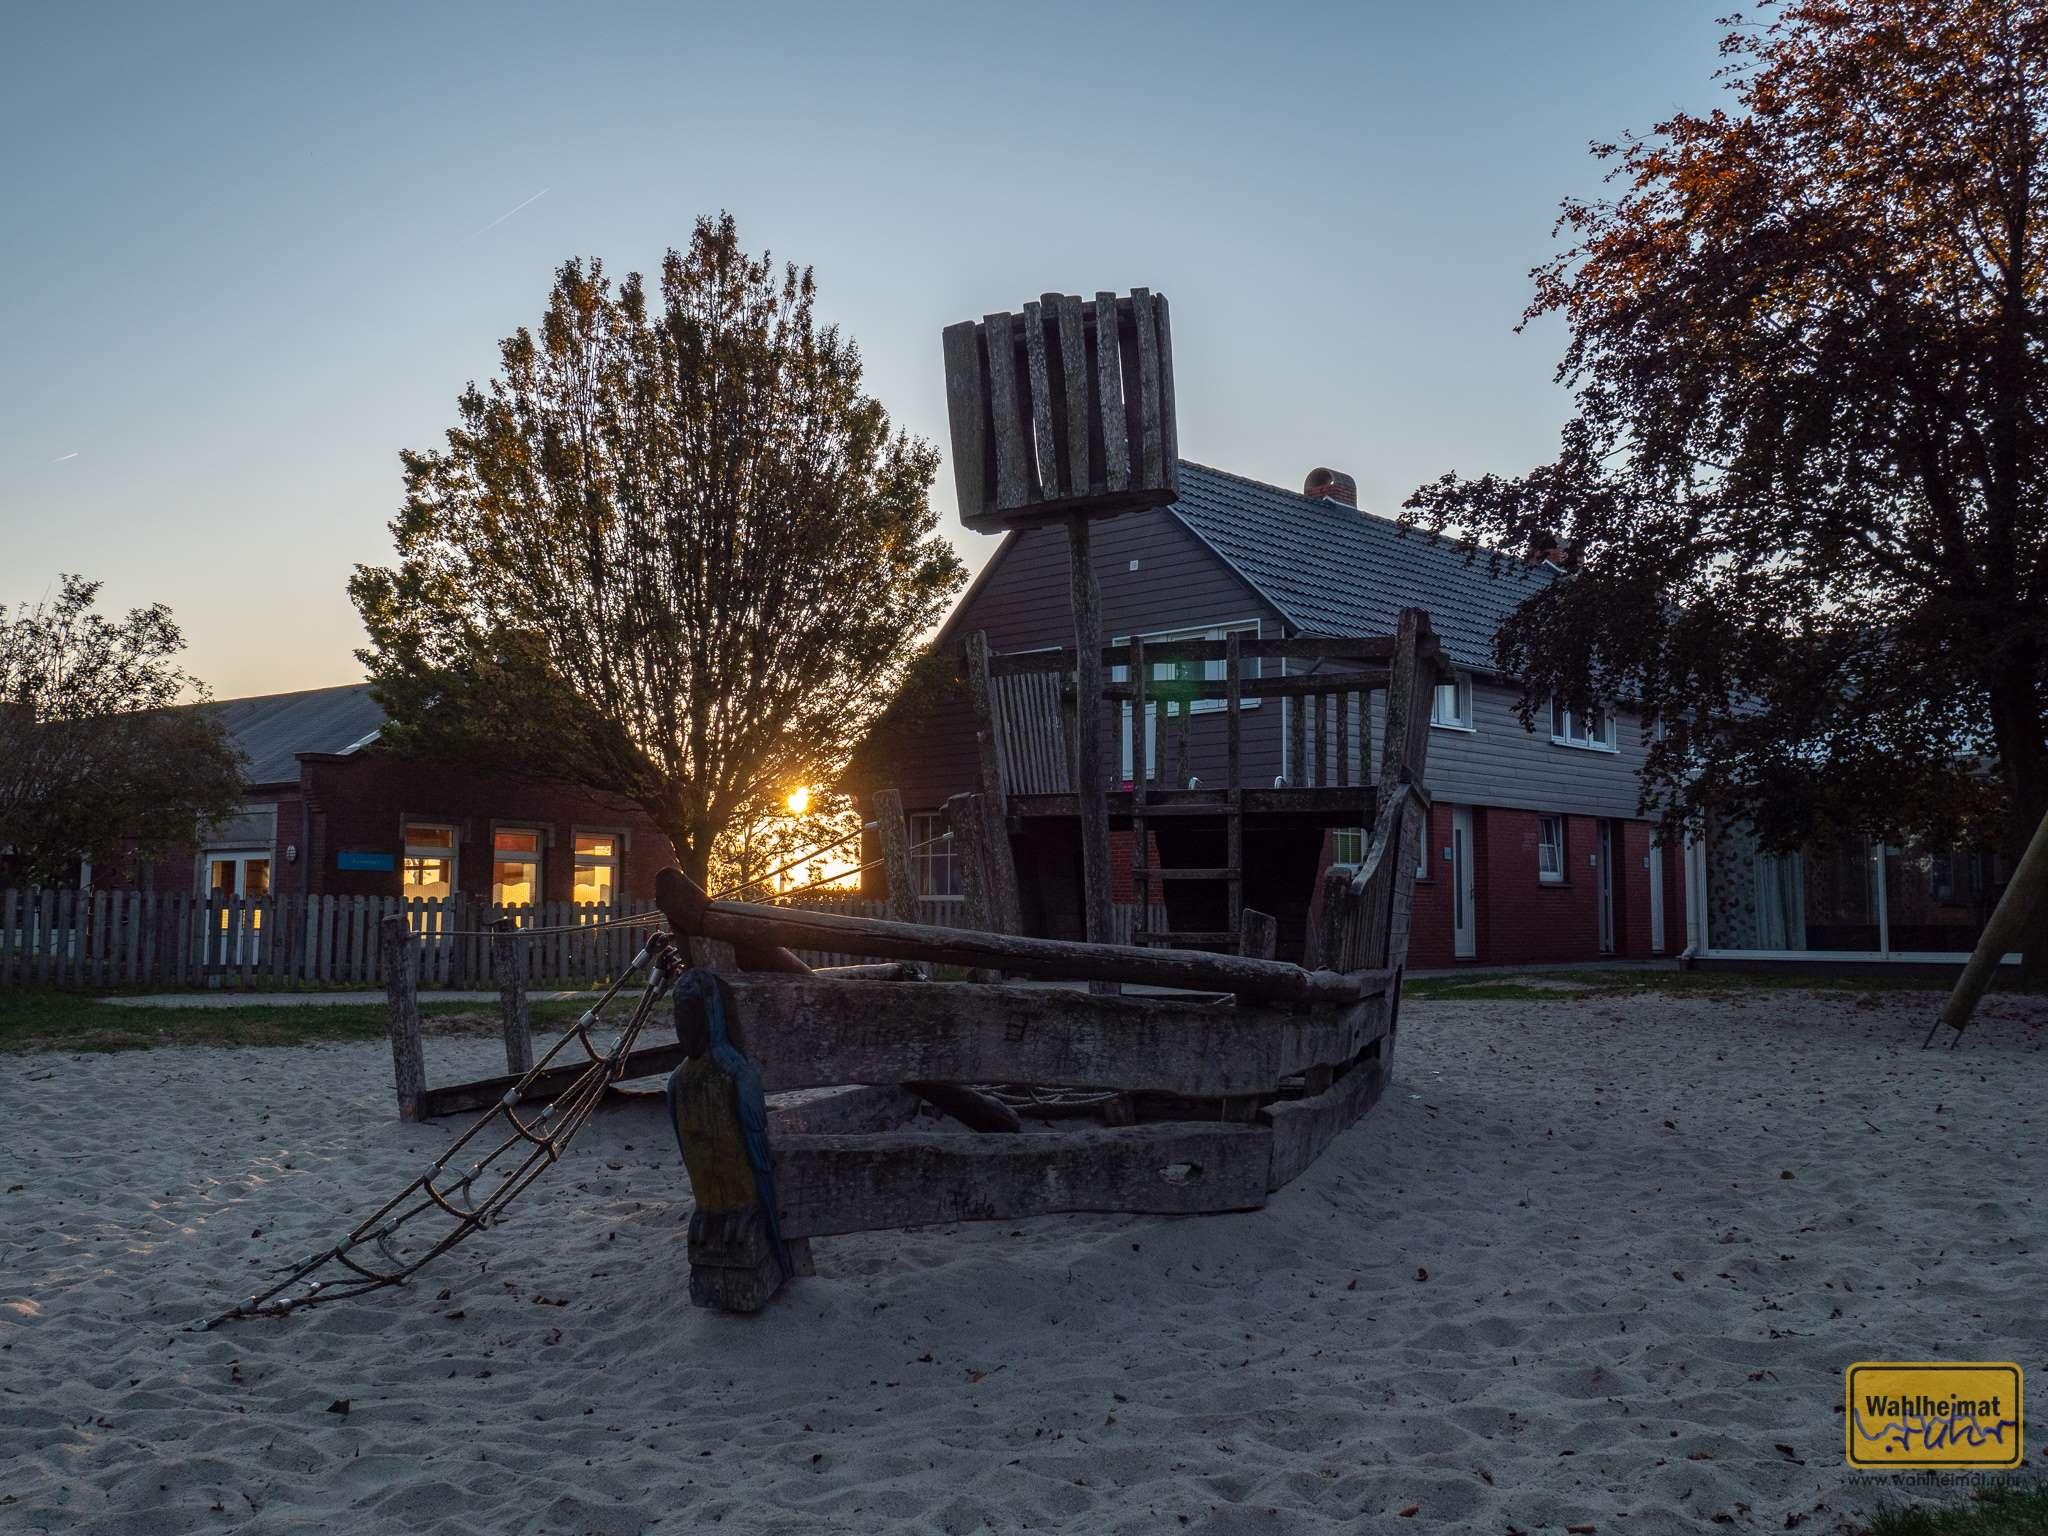 Johoho, und am Piratenschiff geht die Sonne auf! Natürlich kann Euer Nachwuchs hier auch spielen...